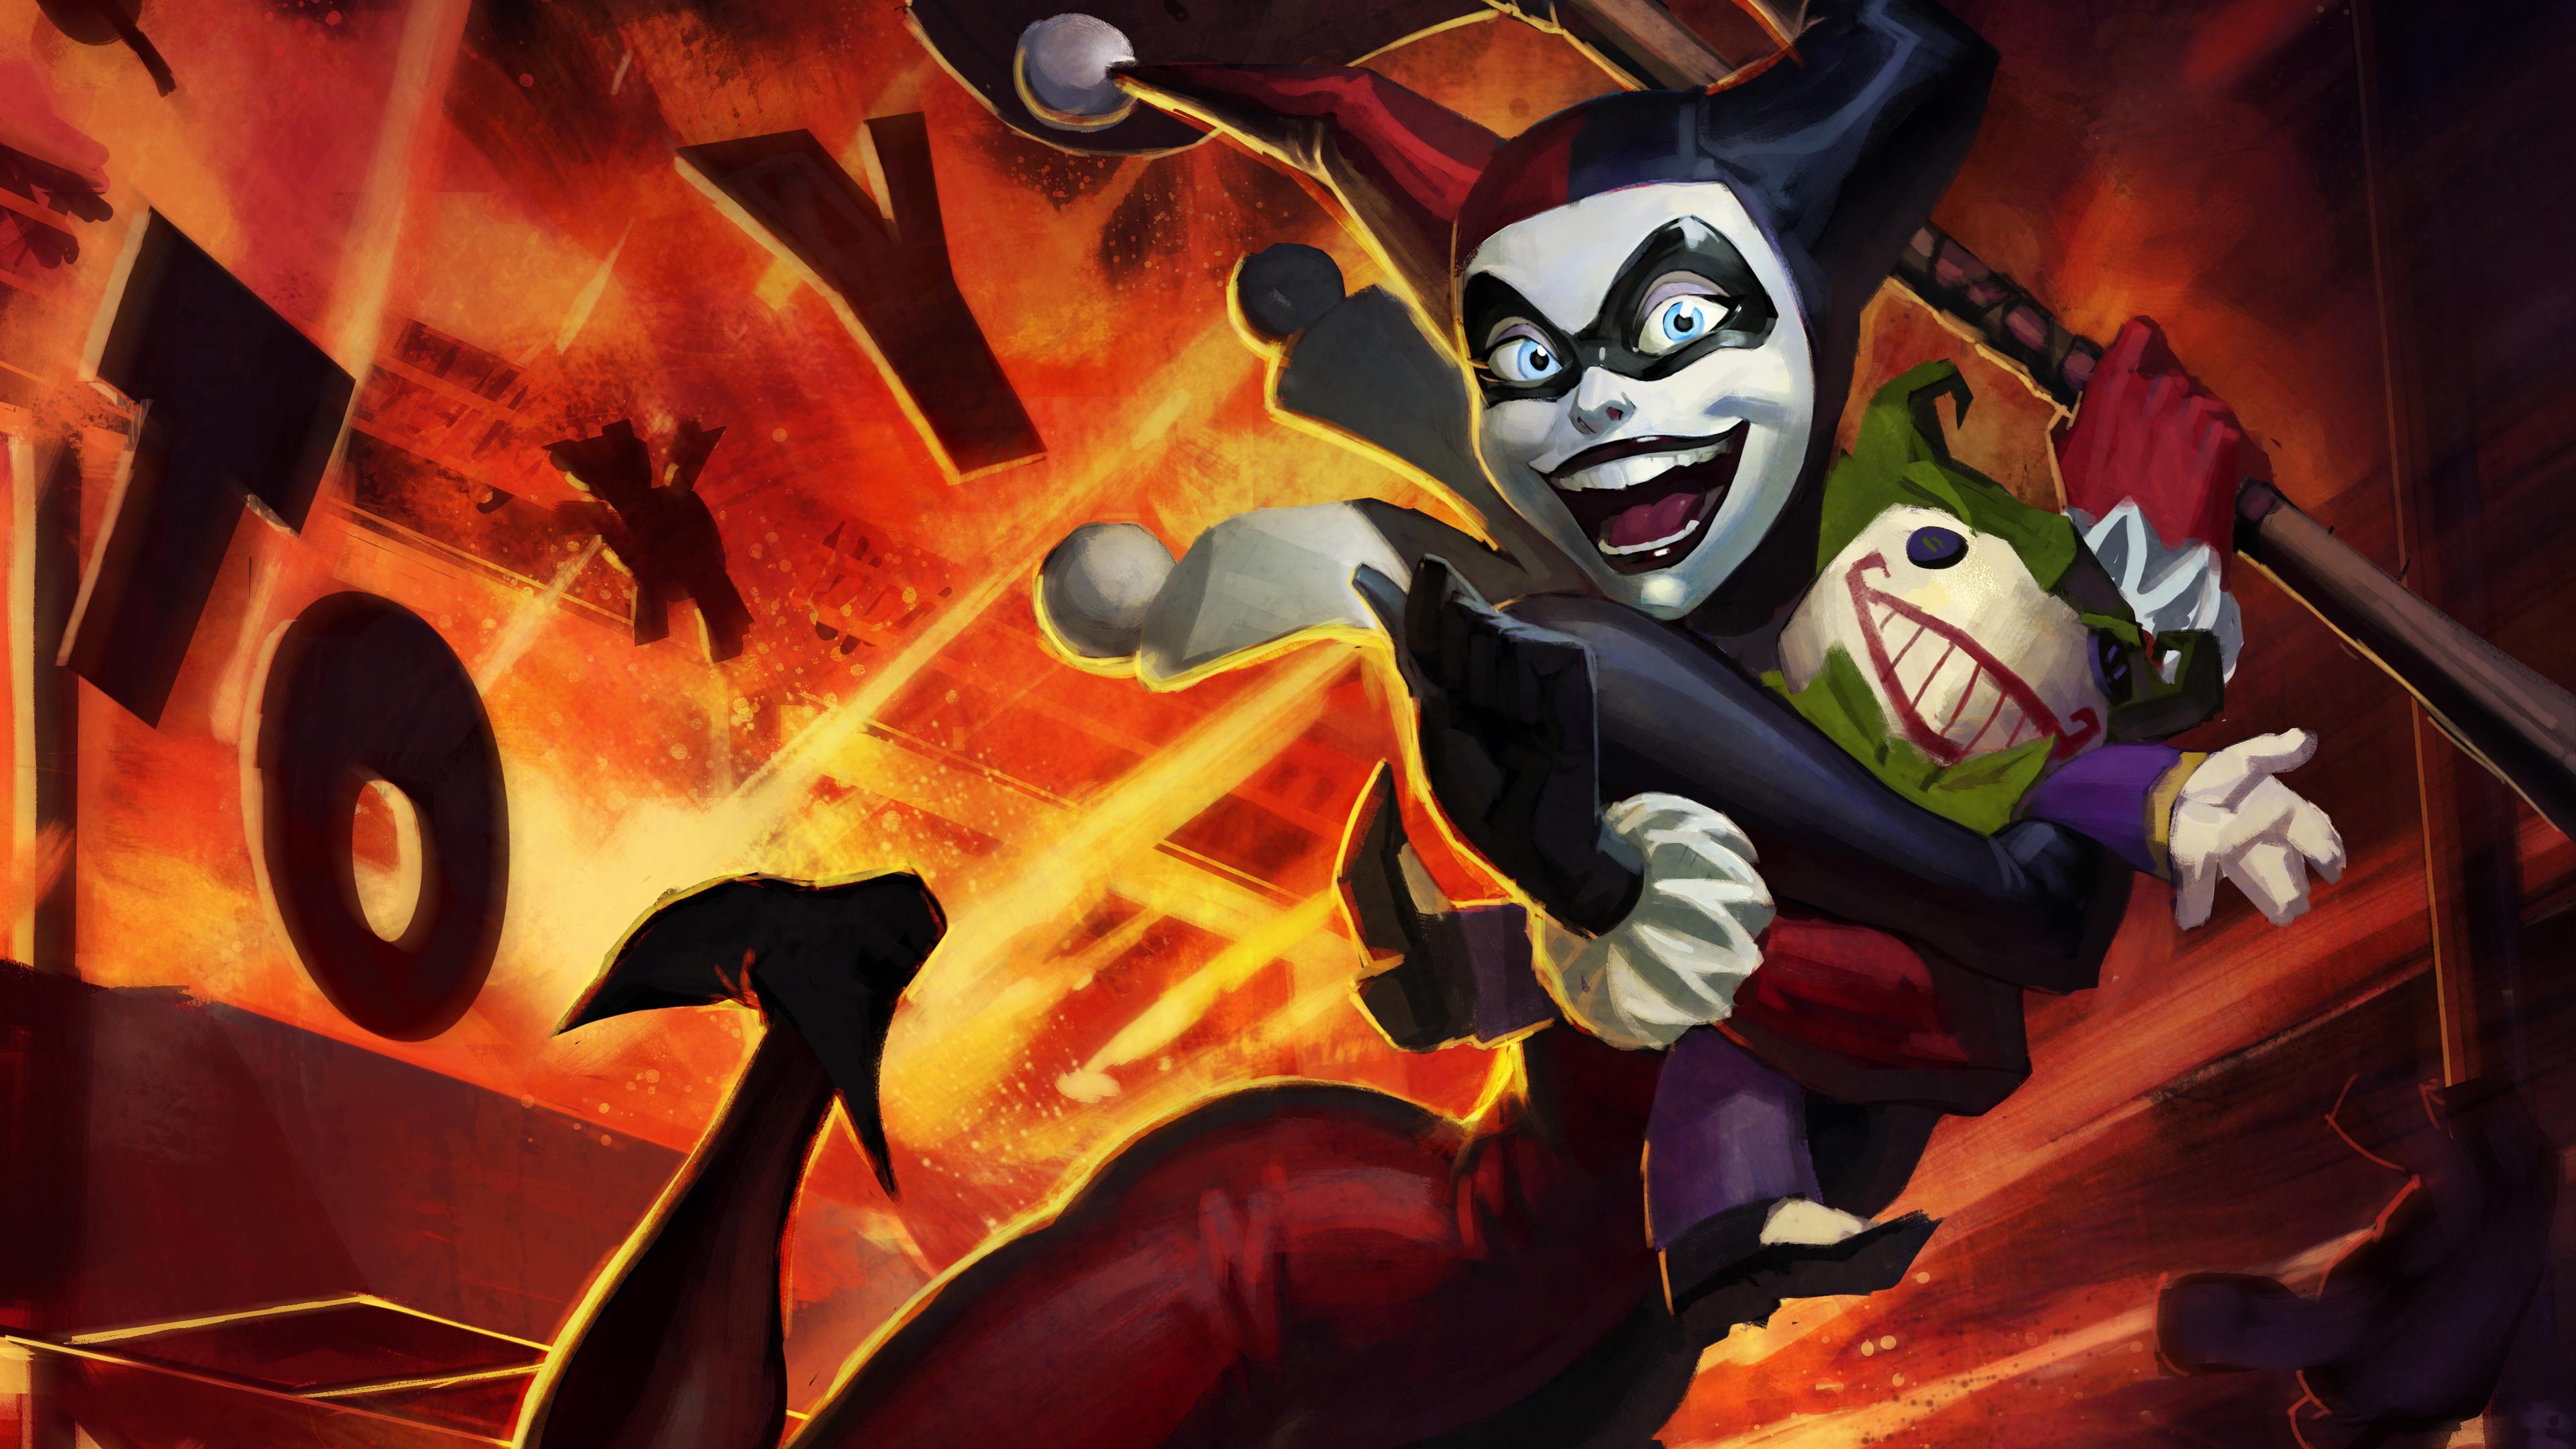 3840x2160 Harley Quinn Infinite Crisis 4k HD 4k Wallpapers ...